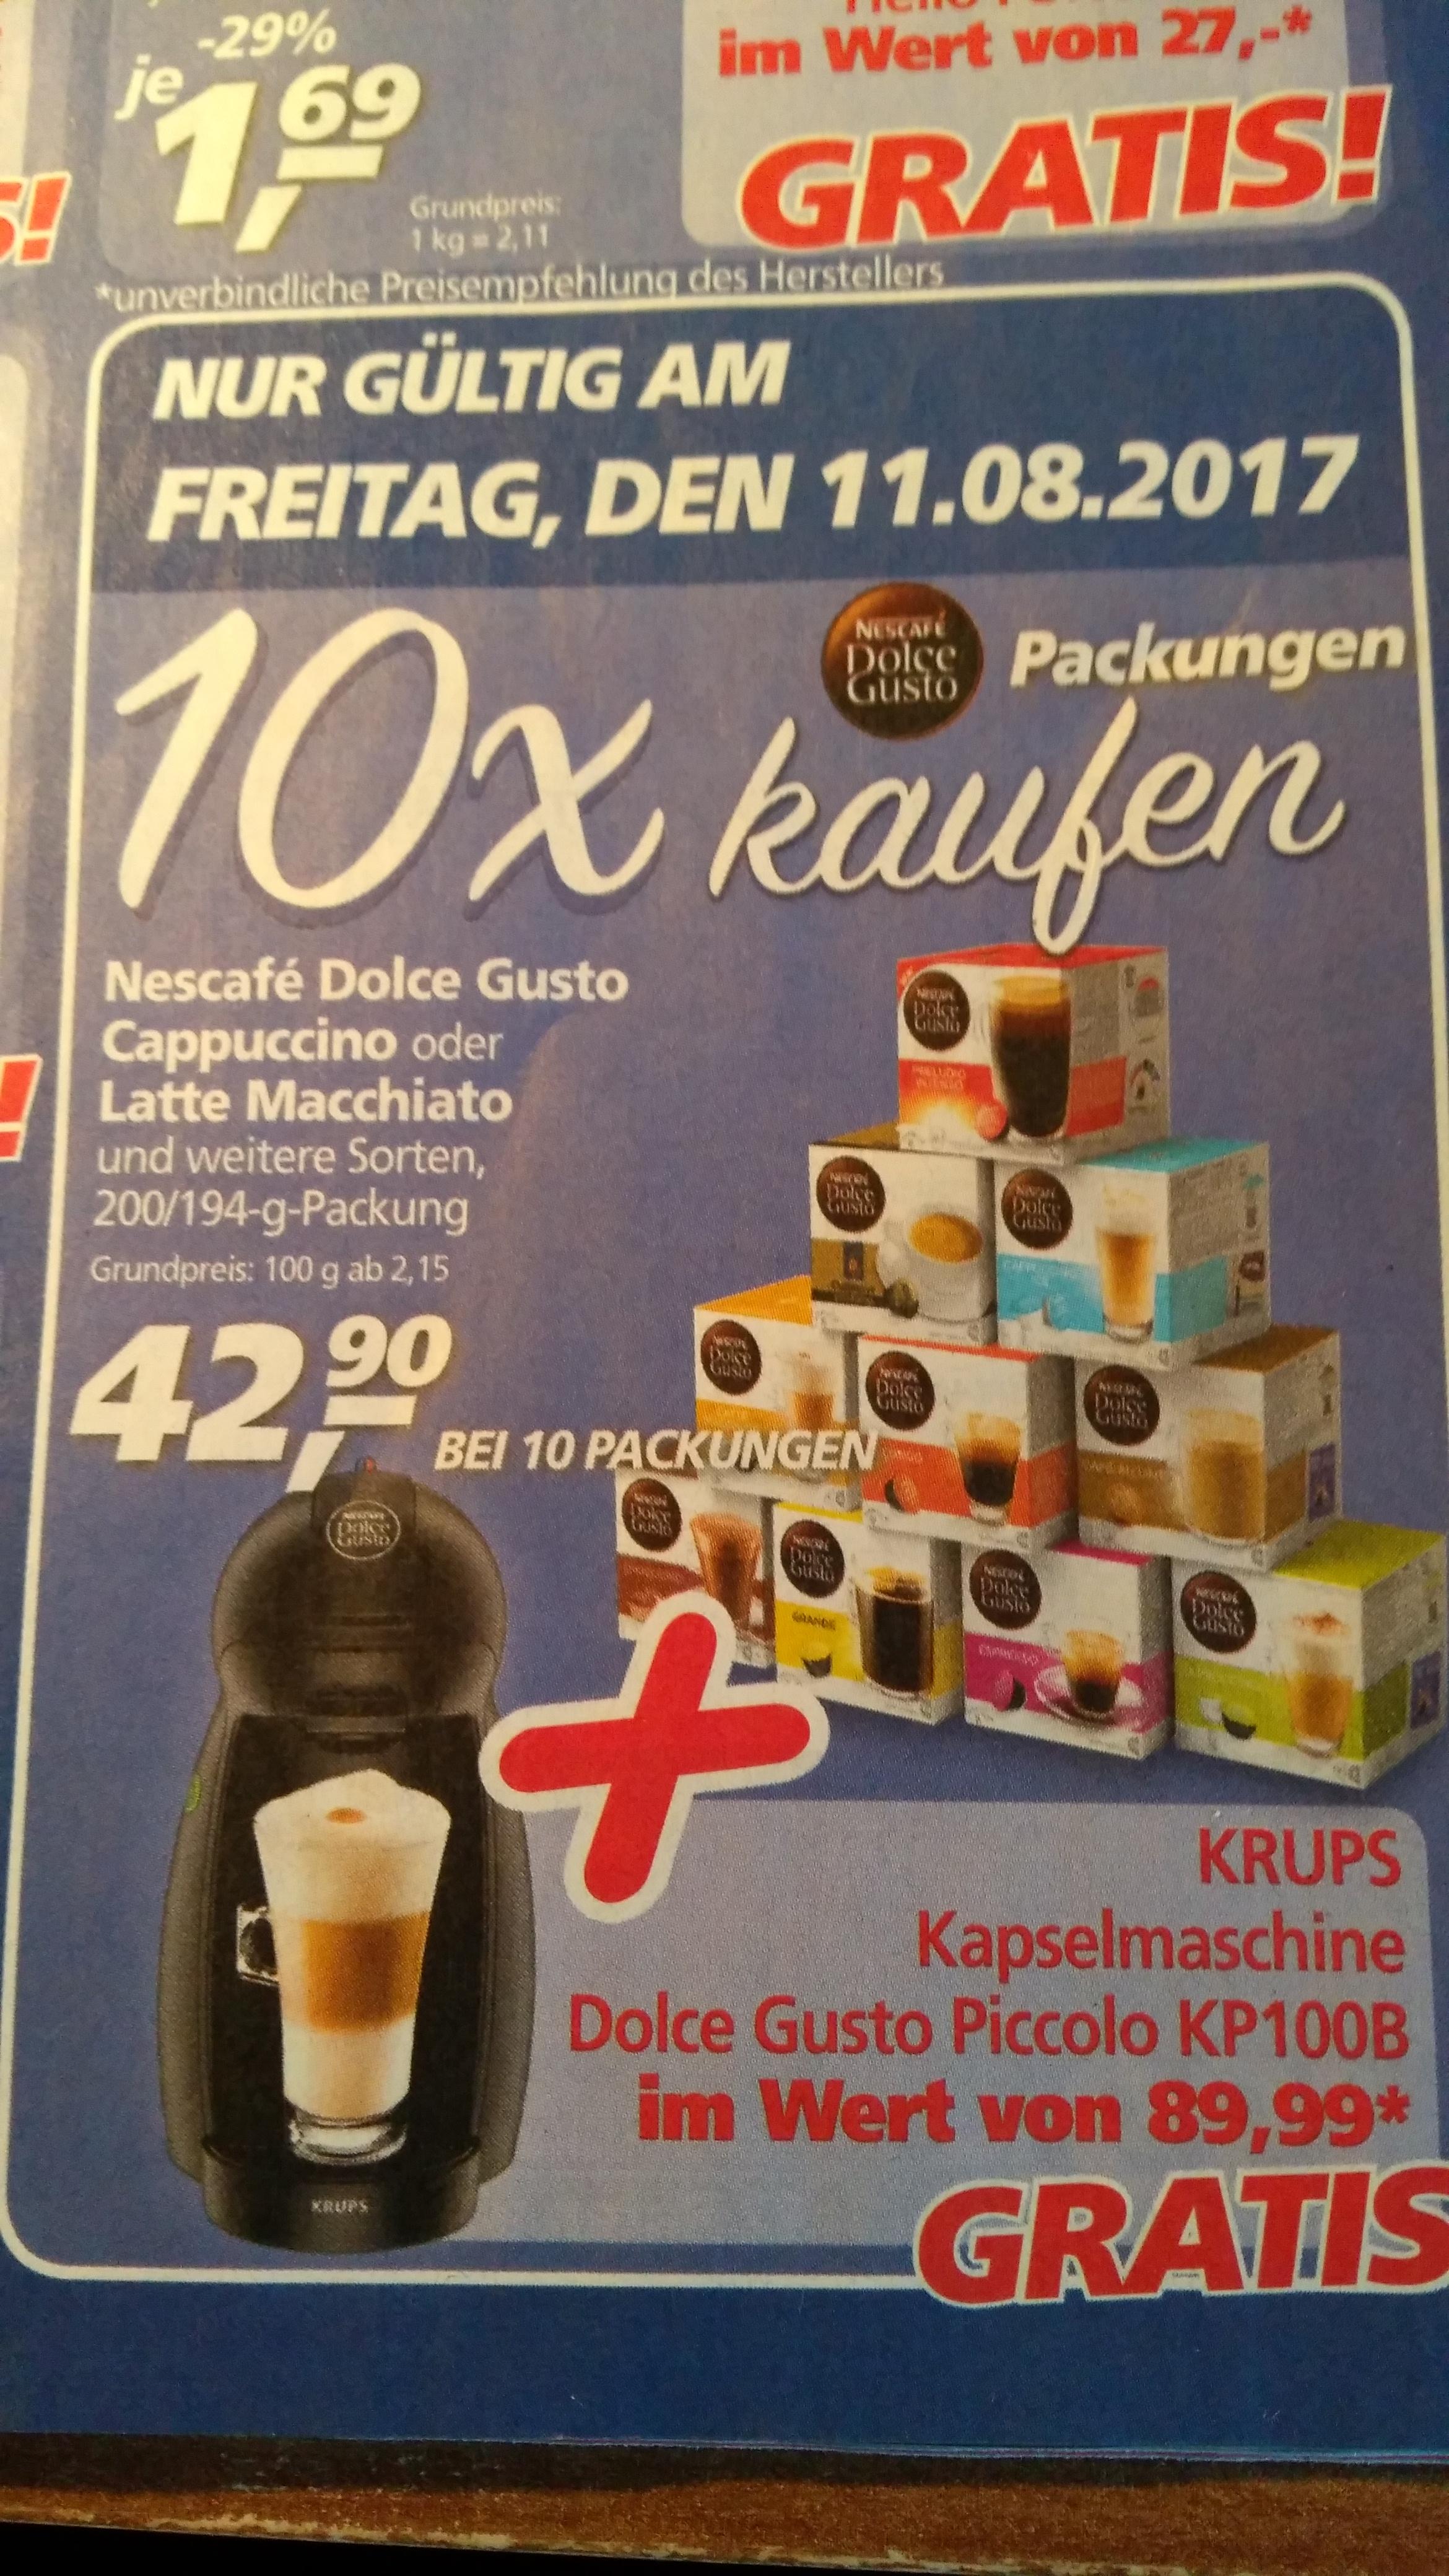 [,real bundesweit] 10x Nescafe Dolce Gusto Kapseln kaufen und Krups Piccolo KP100B gratis dazu bekommen!